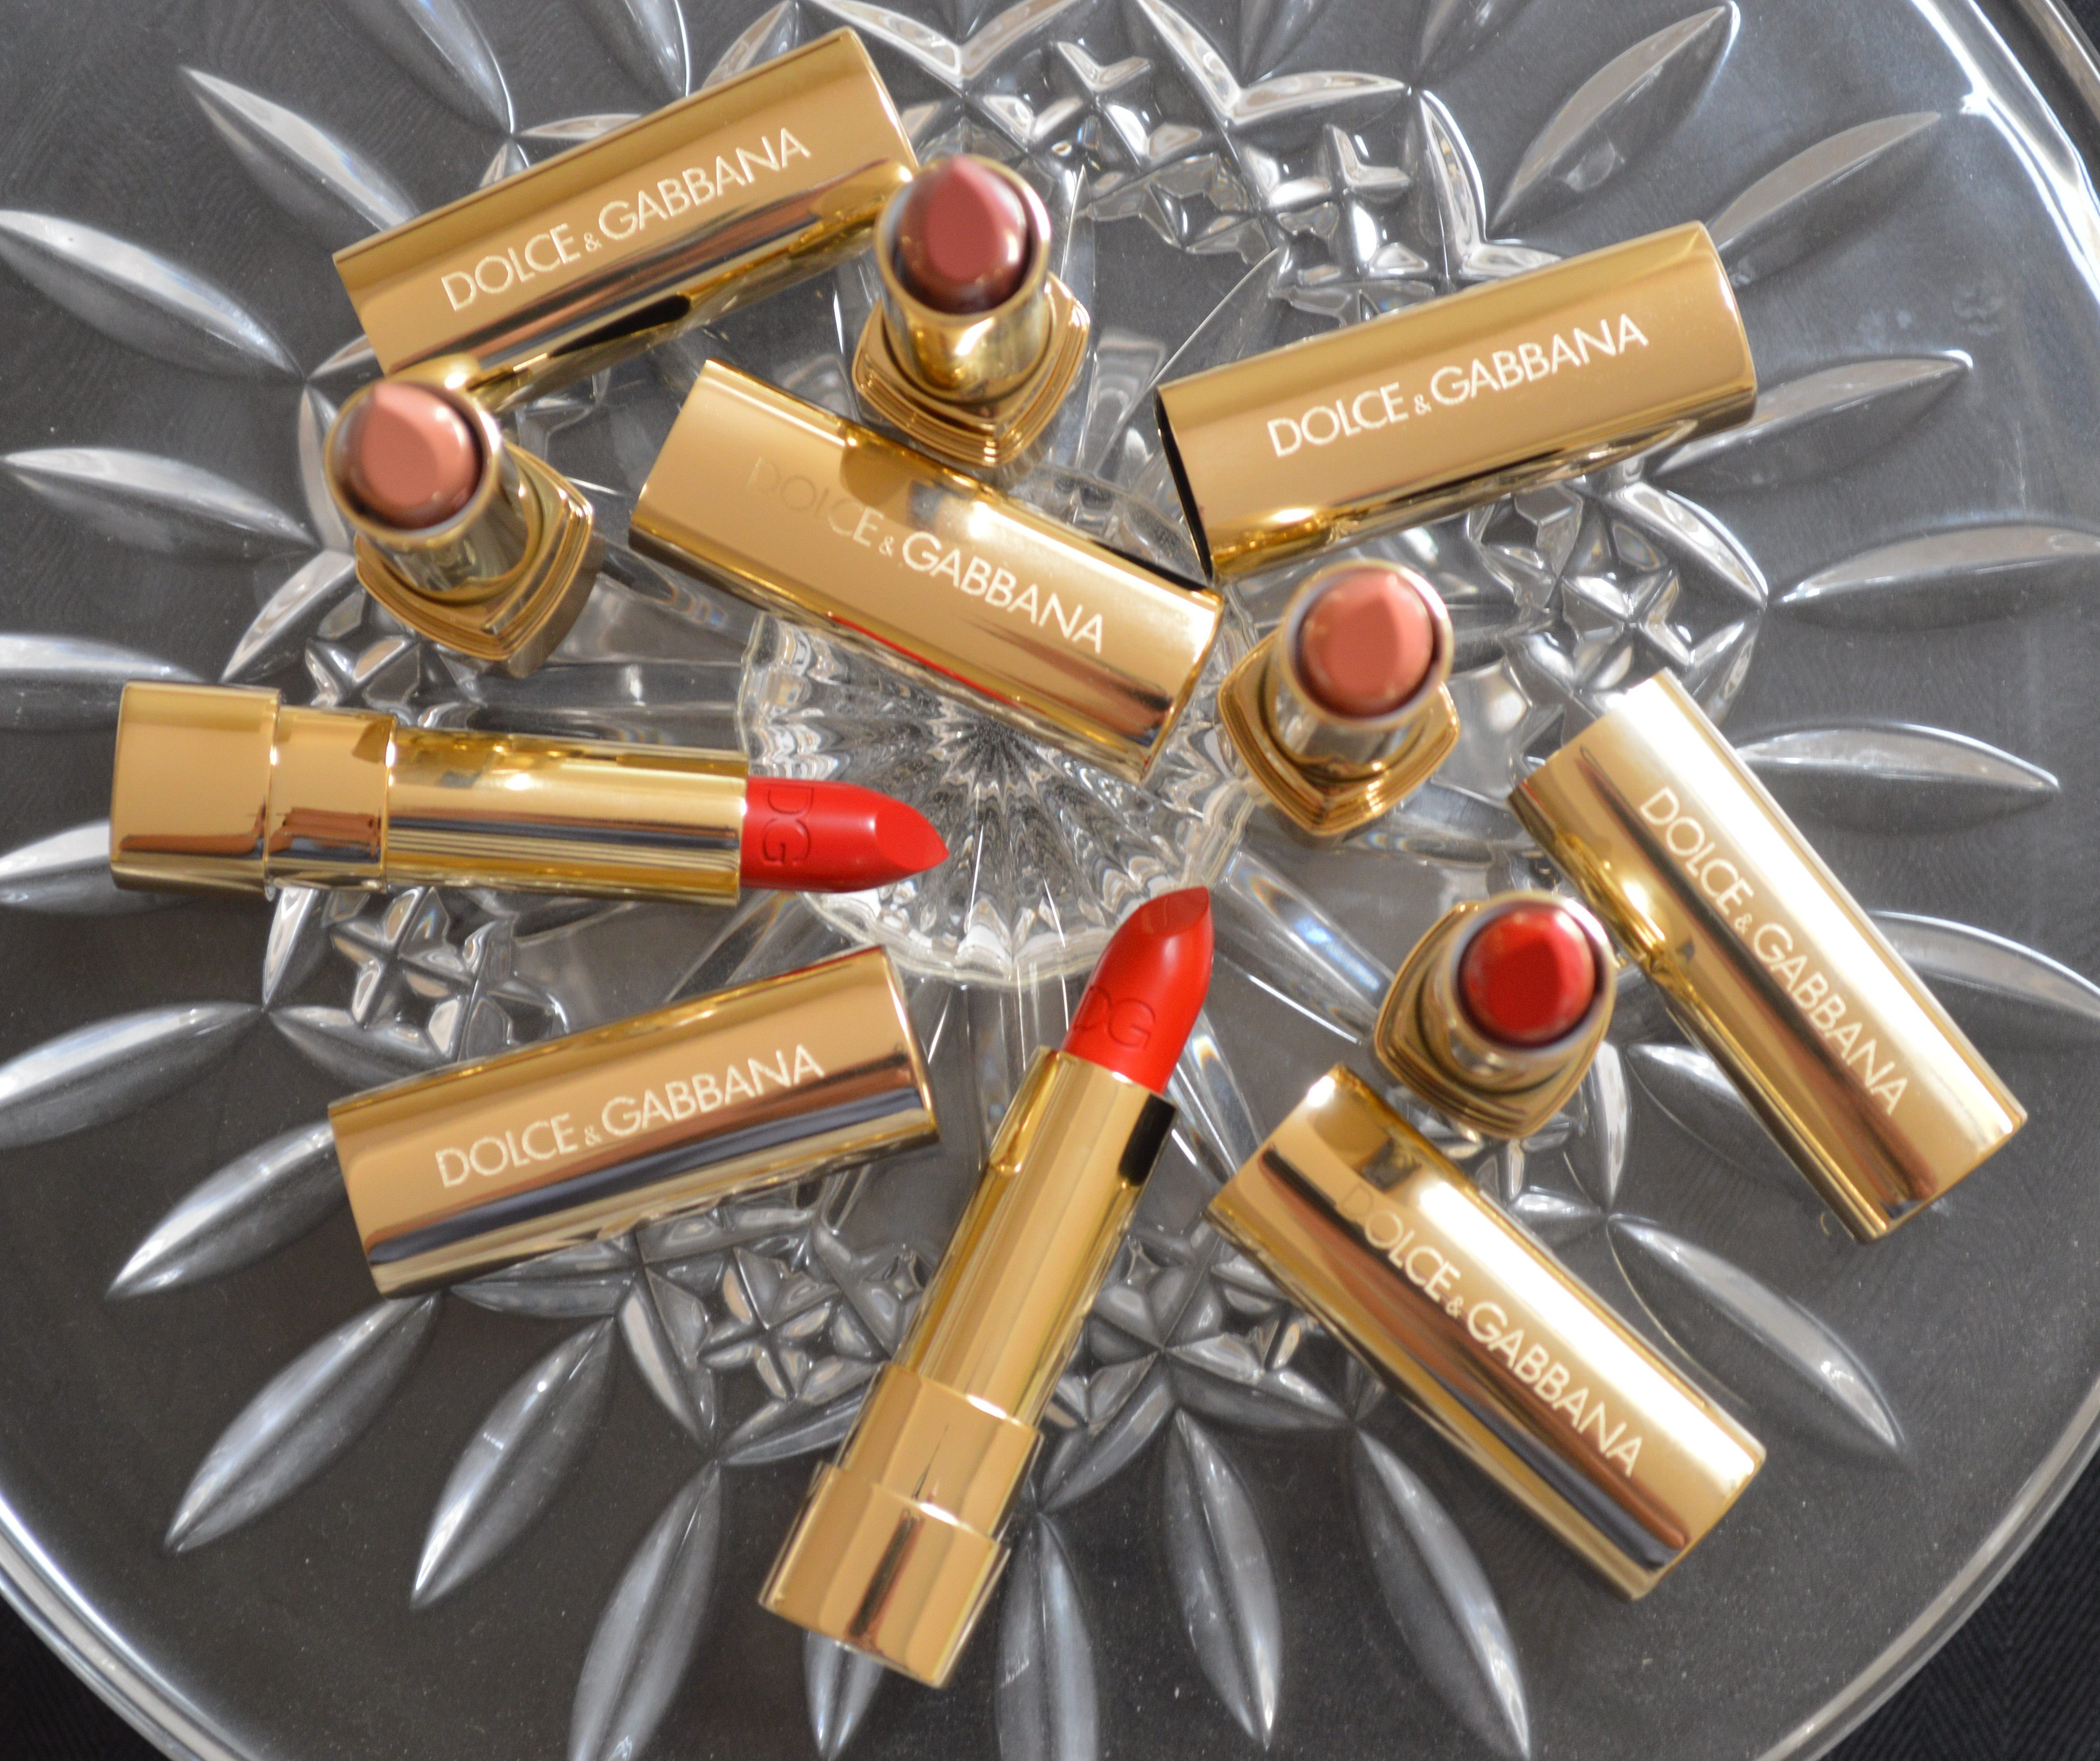 To acquire Gabbana dolce classic cream lipsticks spring picture trends